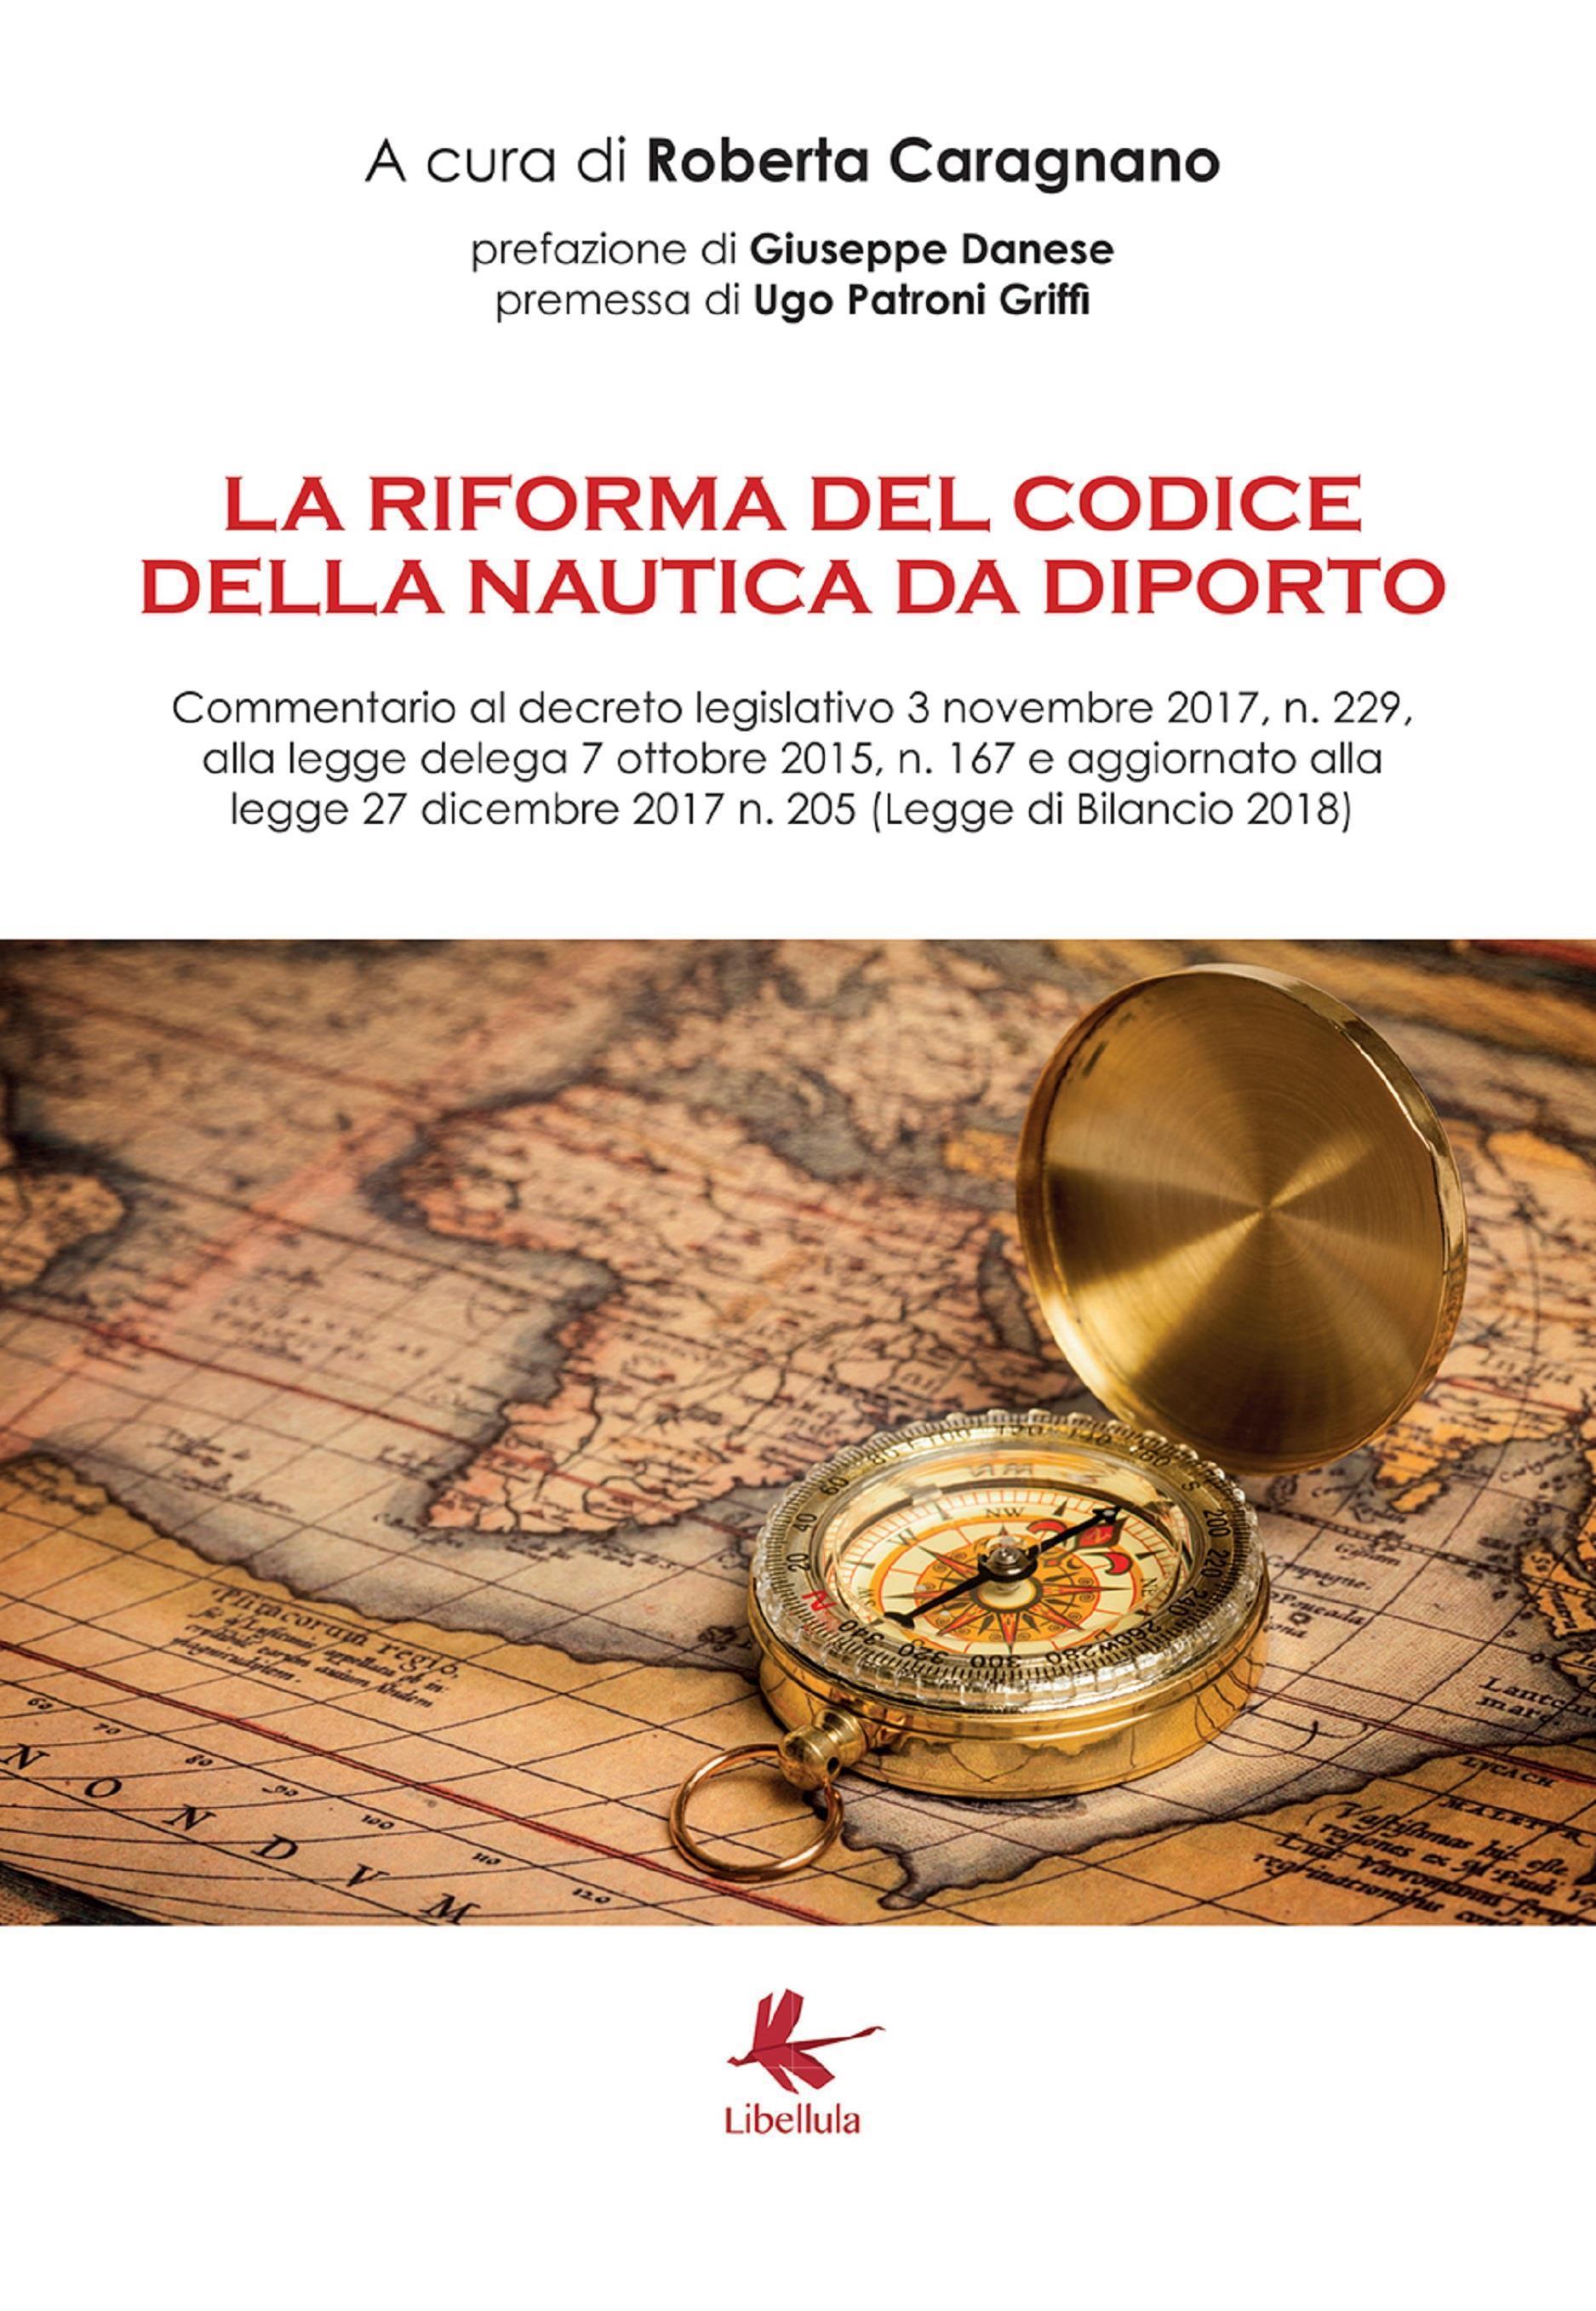 La riforma del codice della nautica da diporto